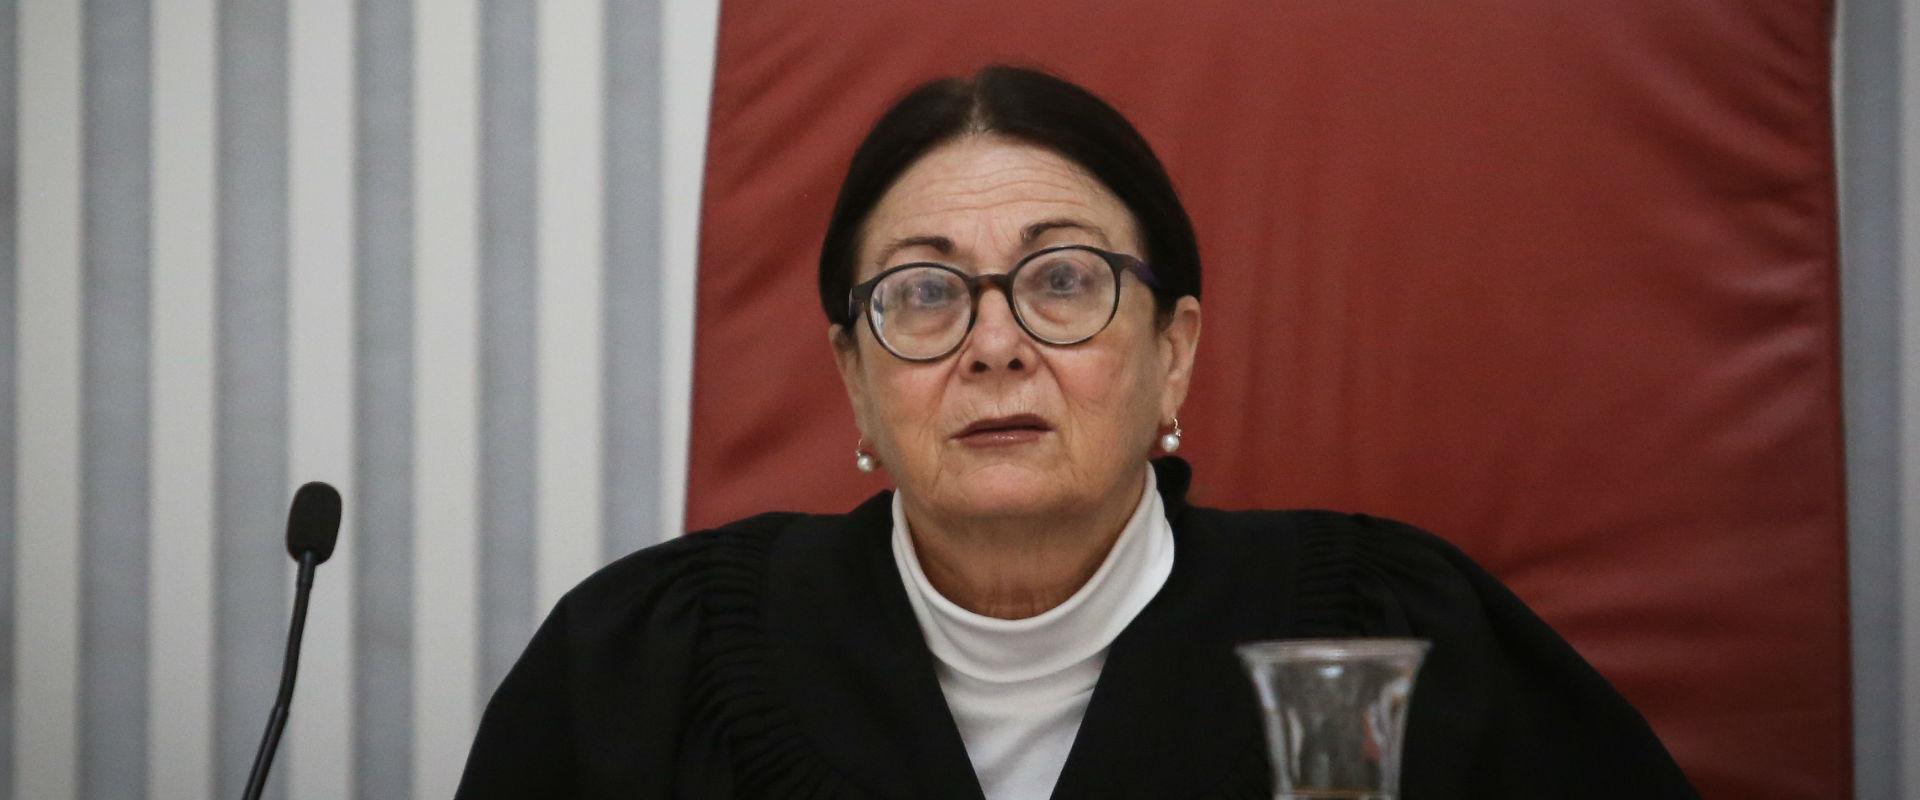 אסתר חיות בבית המשפט